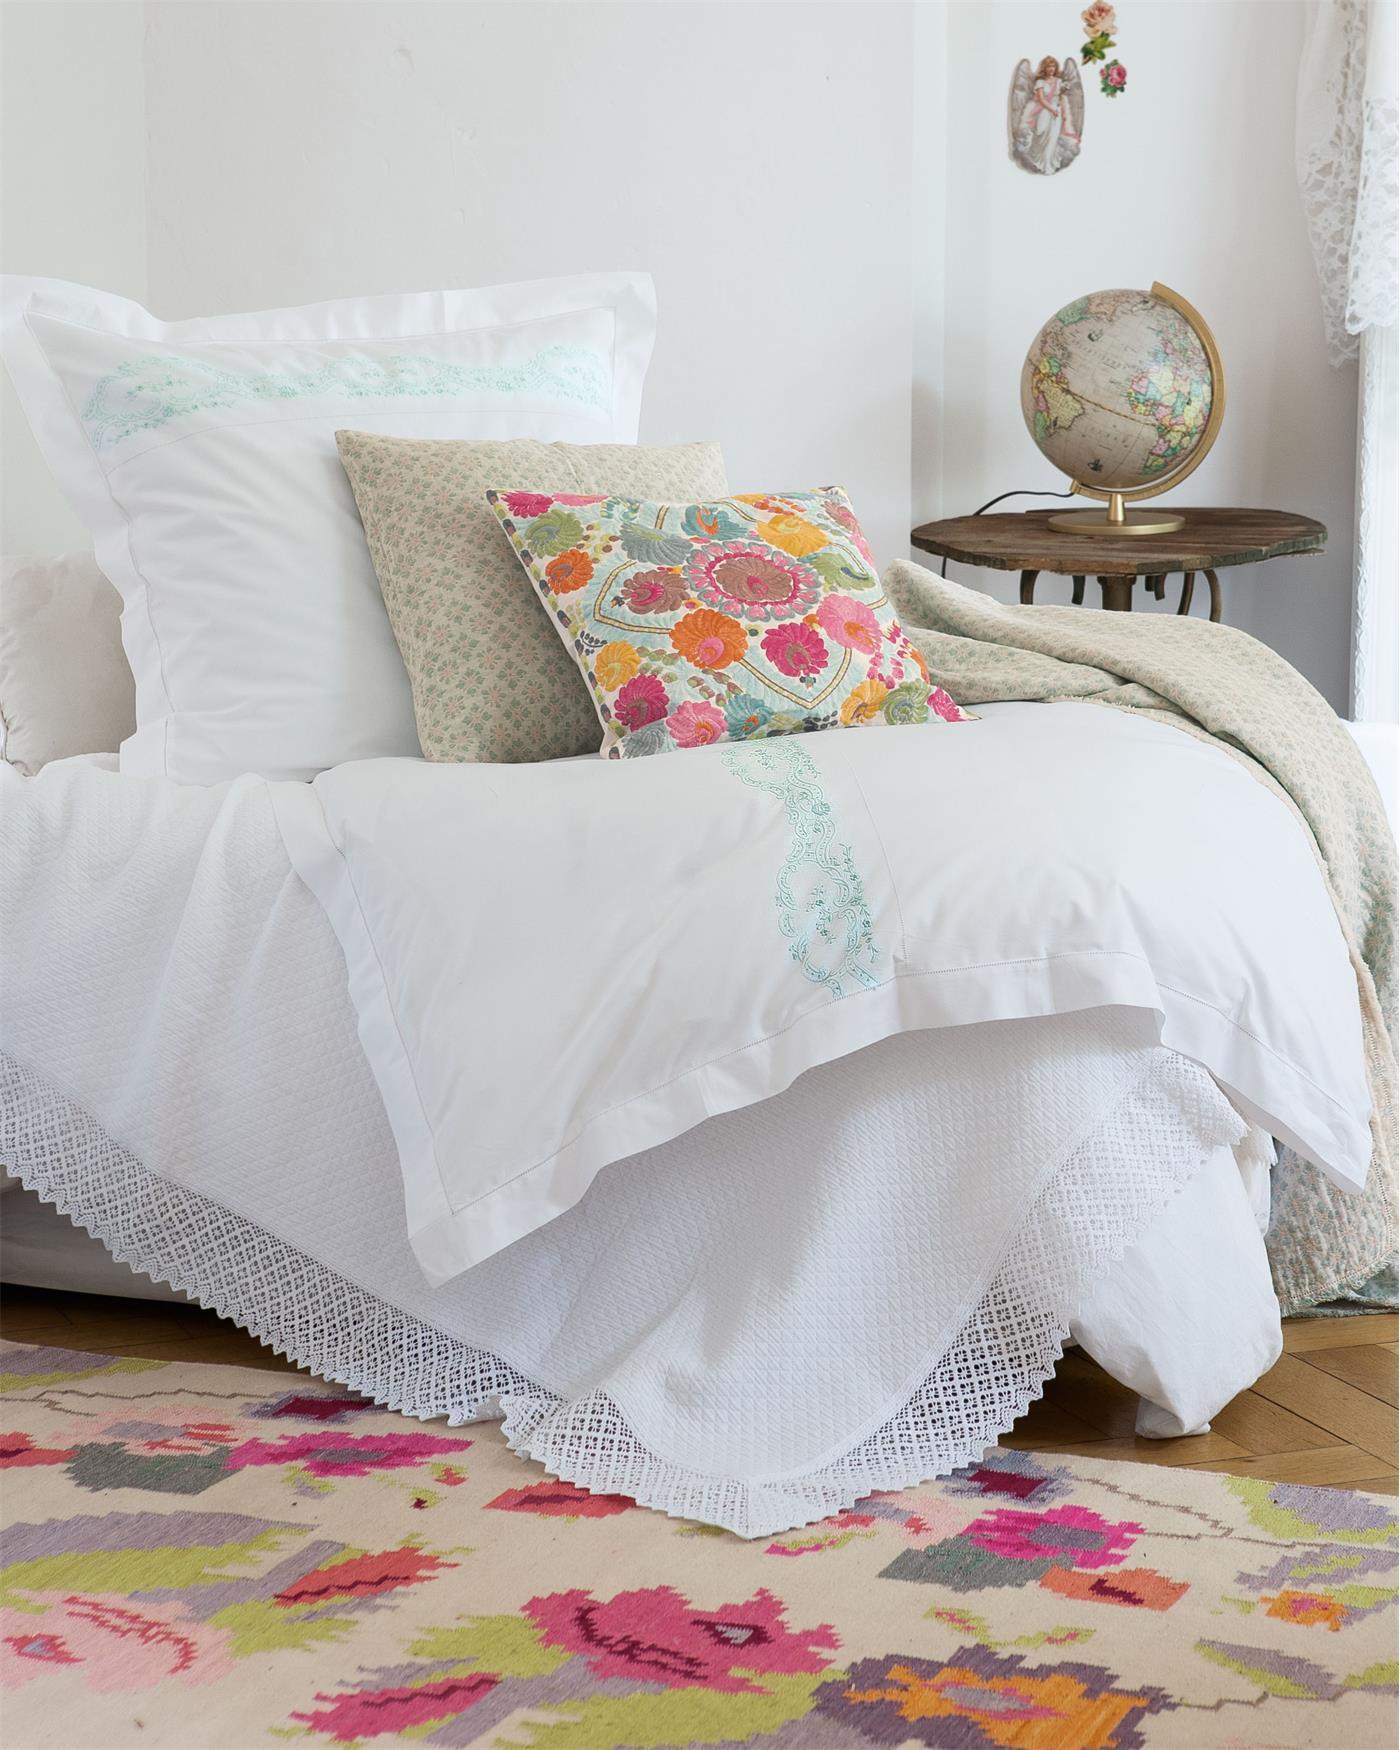 bettw sche traumsch n finden sie auf. Black Bedroom Furniture Sets. Home Design Ideas